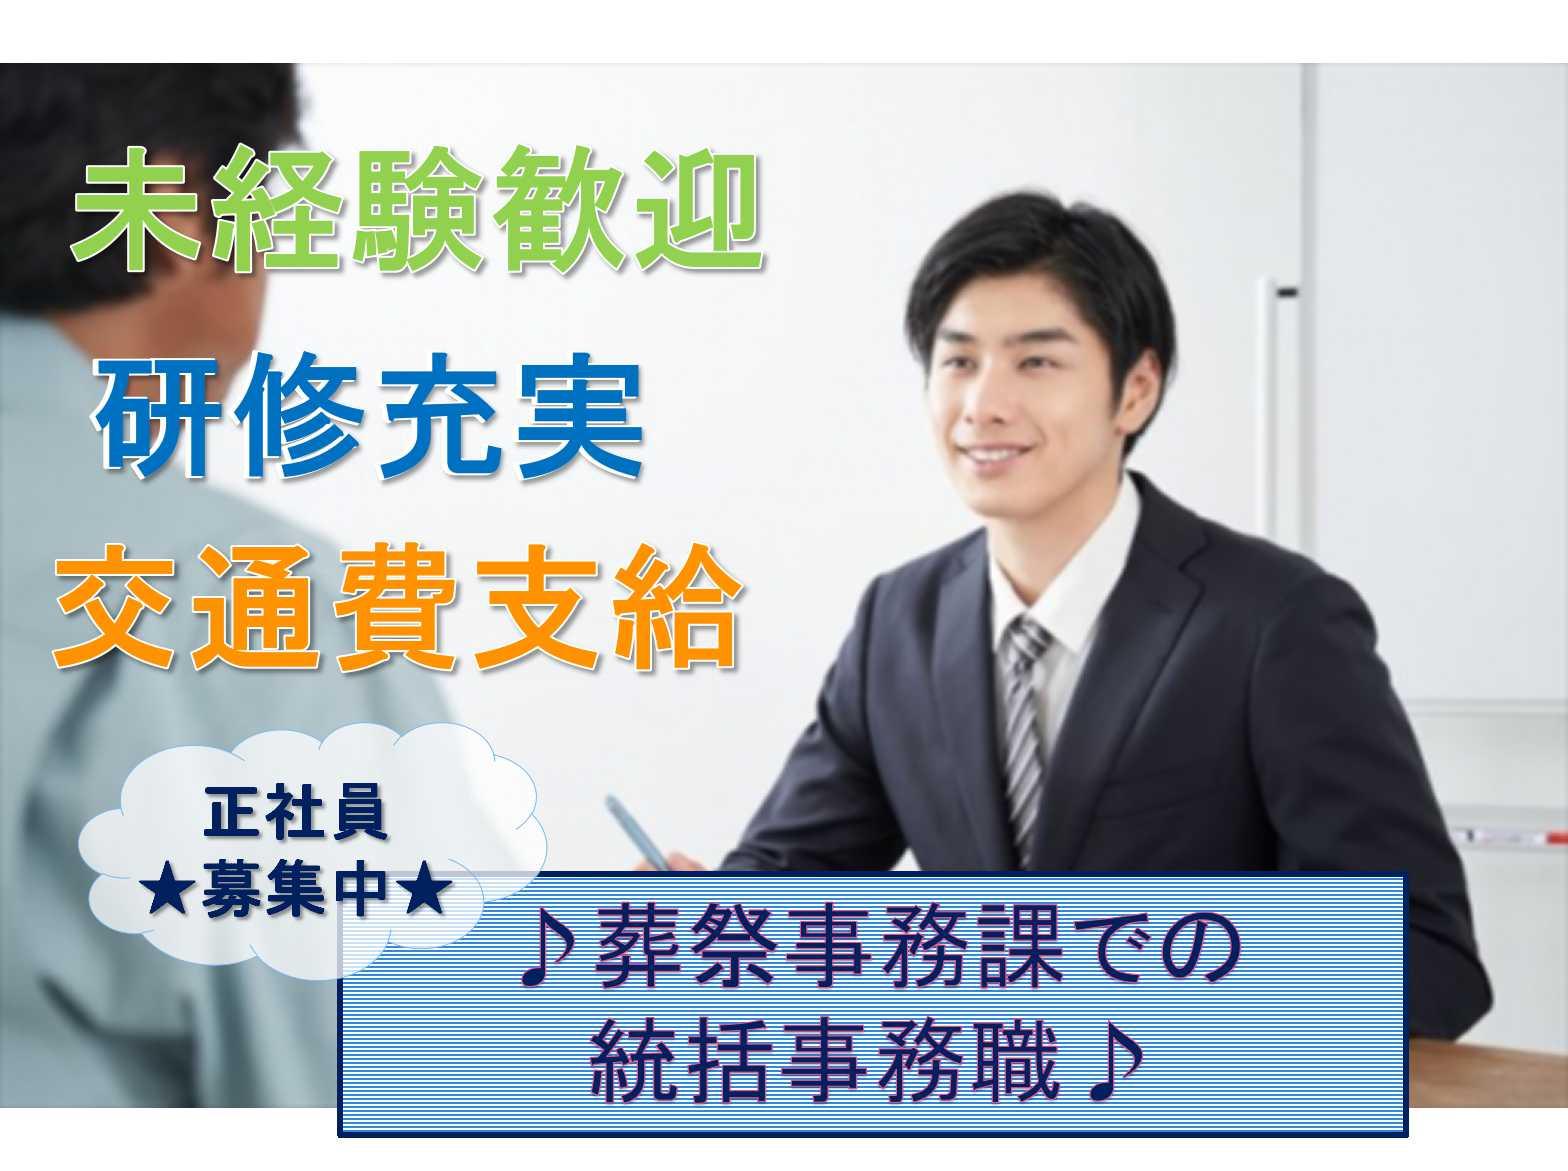 【正社員】未経験歓迎◆研修充実◆葬祭事務課での統括事務職募集◆ イメージ